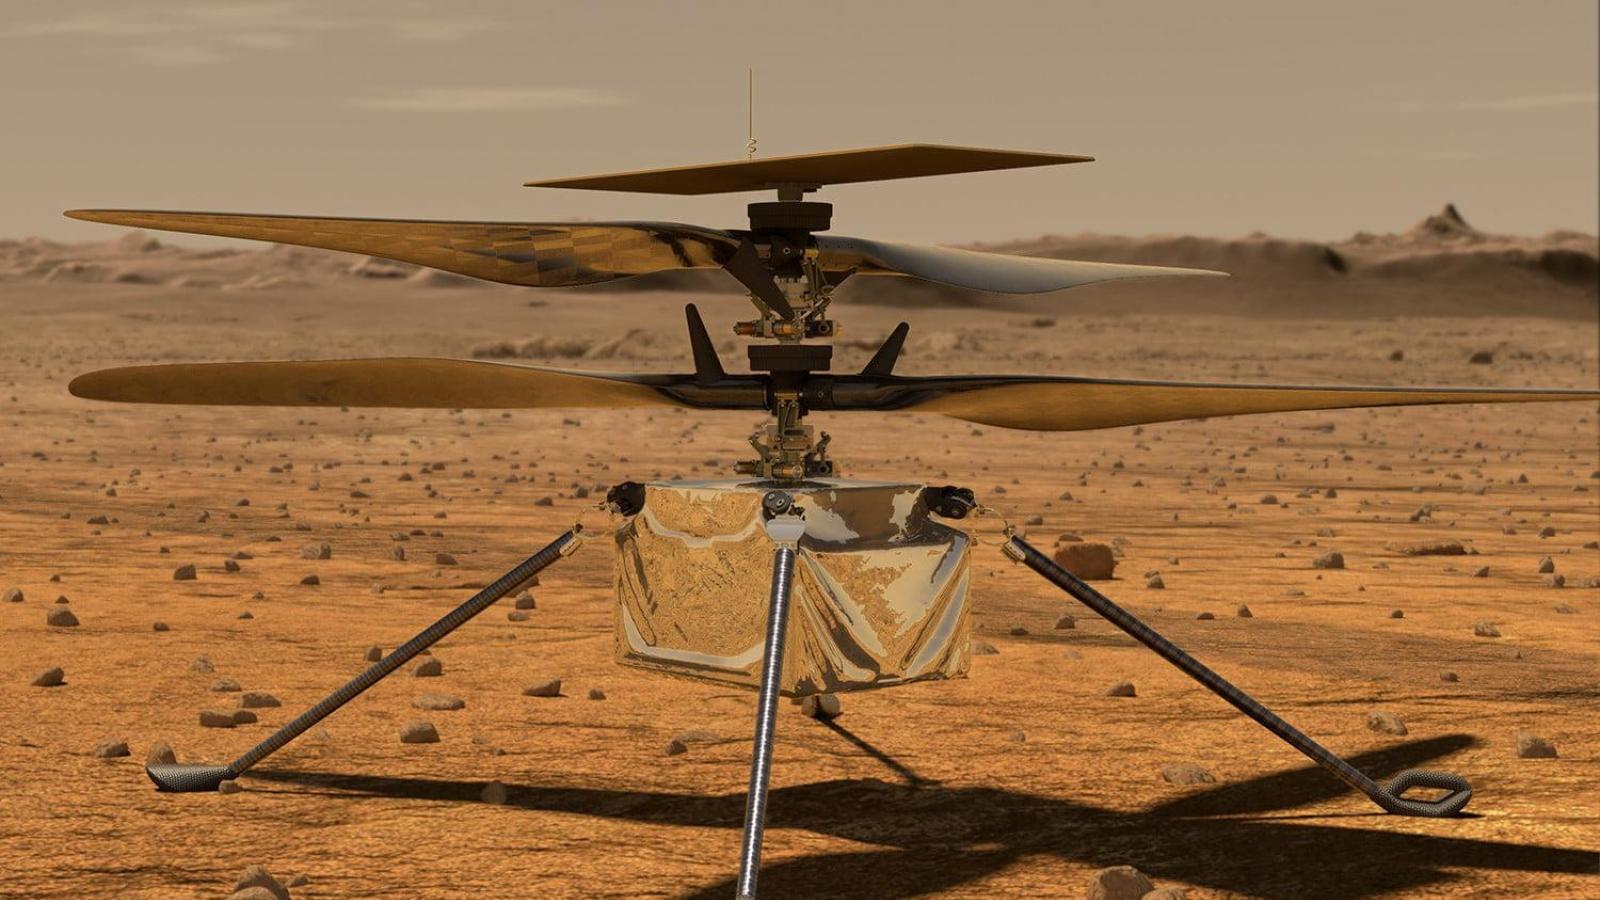 Trung Quốc muốn chế tạo drone siêu thanh bay trên sao Hỏa